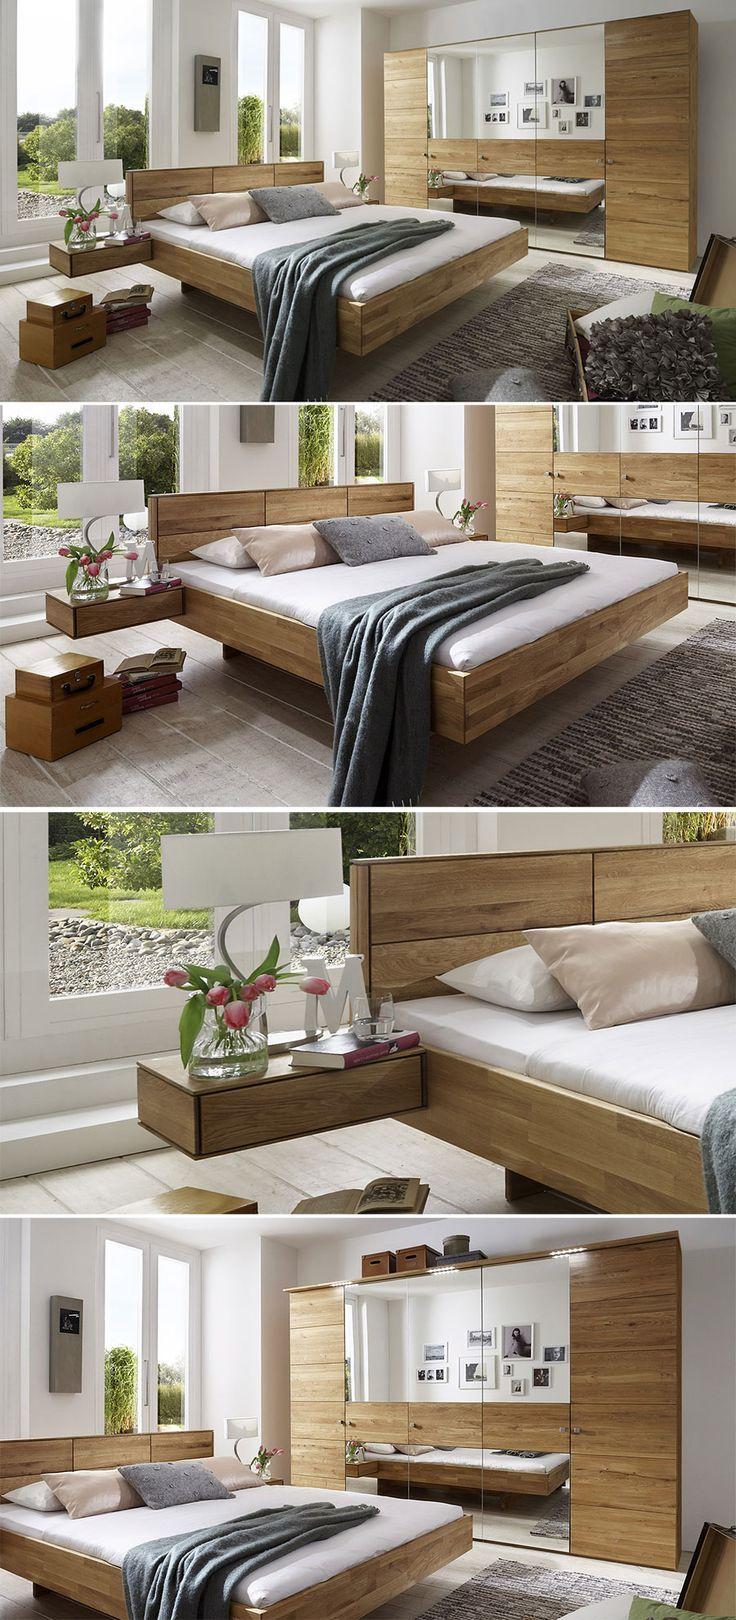 Mediterranes schlafzimmer aus massivem holz schlafzimmer einrichtung wohnen - Dekotipps schlafzimmer ...